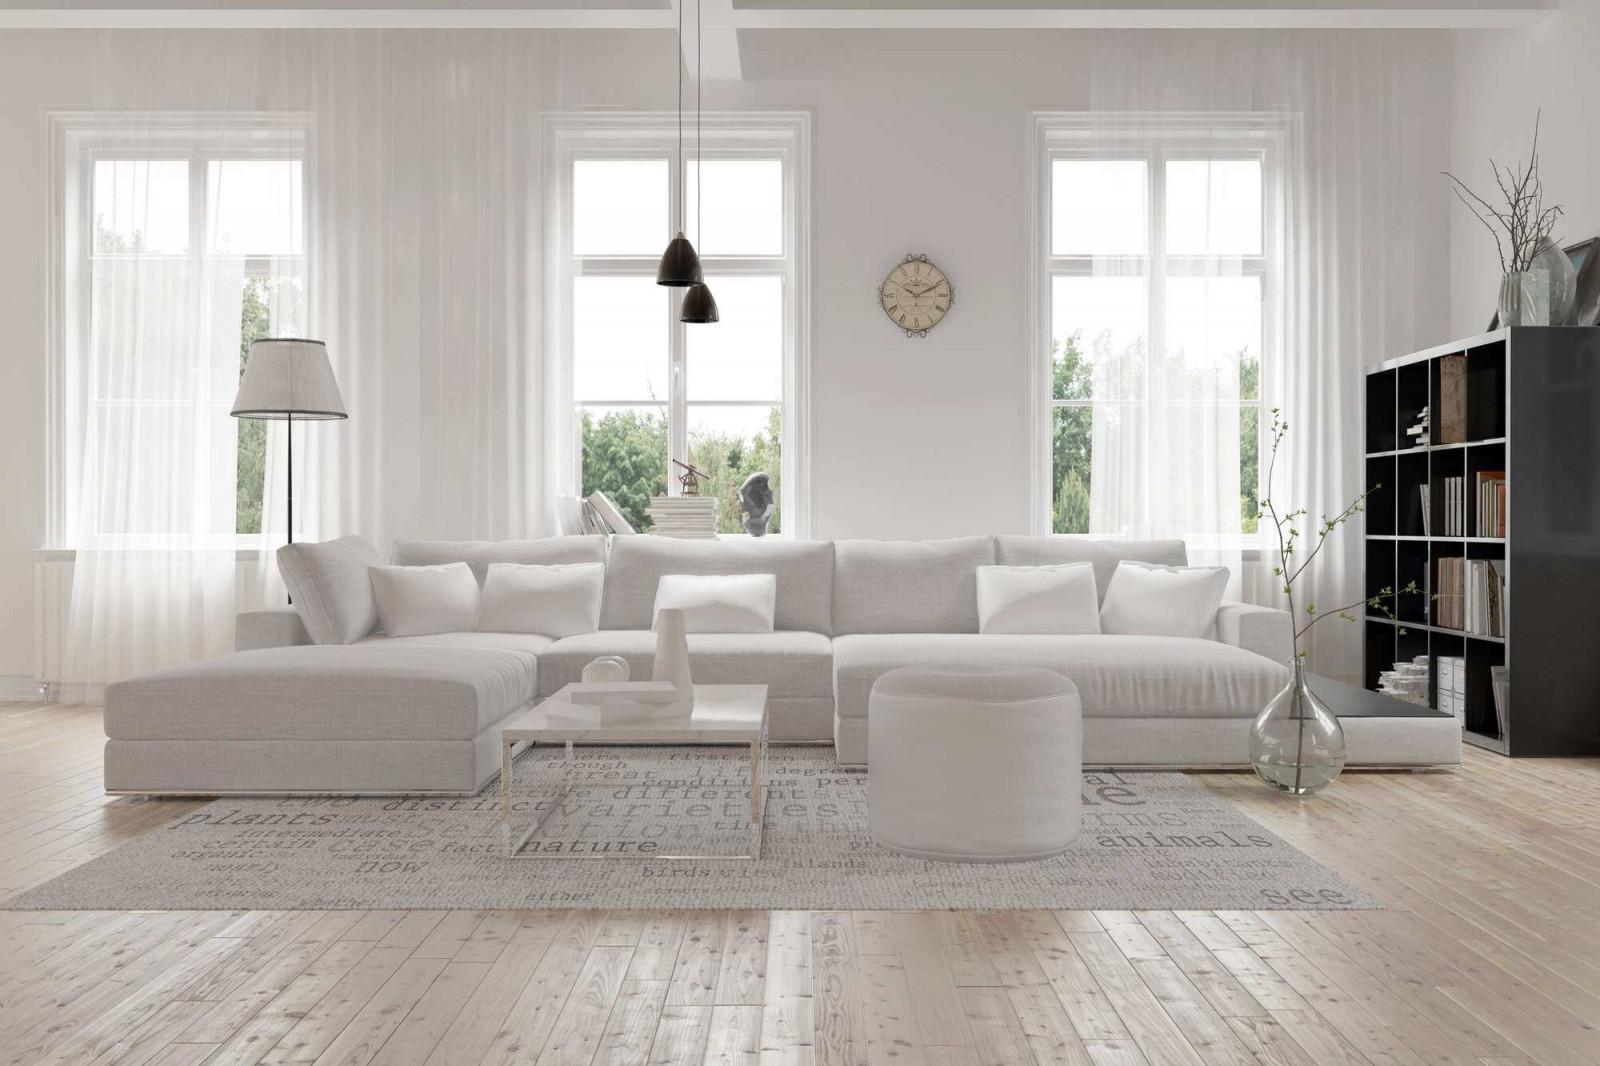 Grosse Bilder Fürs Wohnzimmer Elegant 56 Einzigartig von Schöne Große Wohnzimmer Bilder Photo